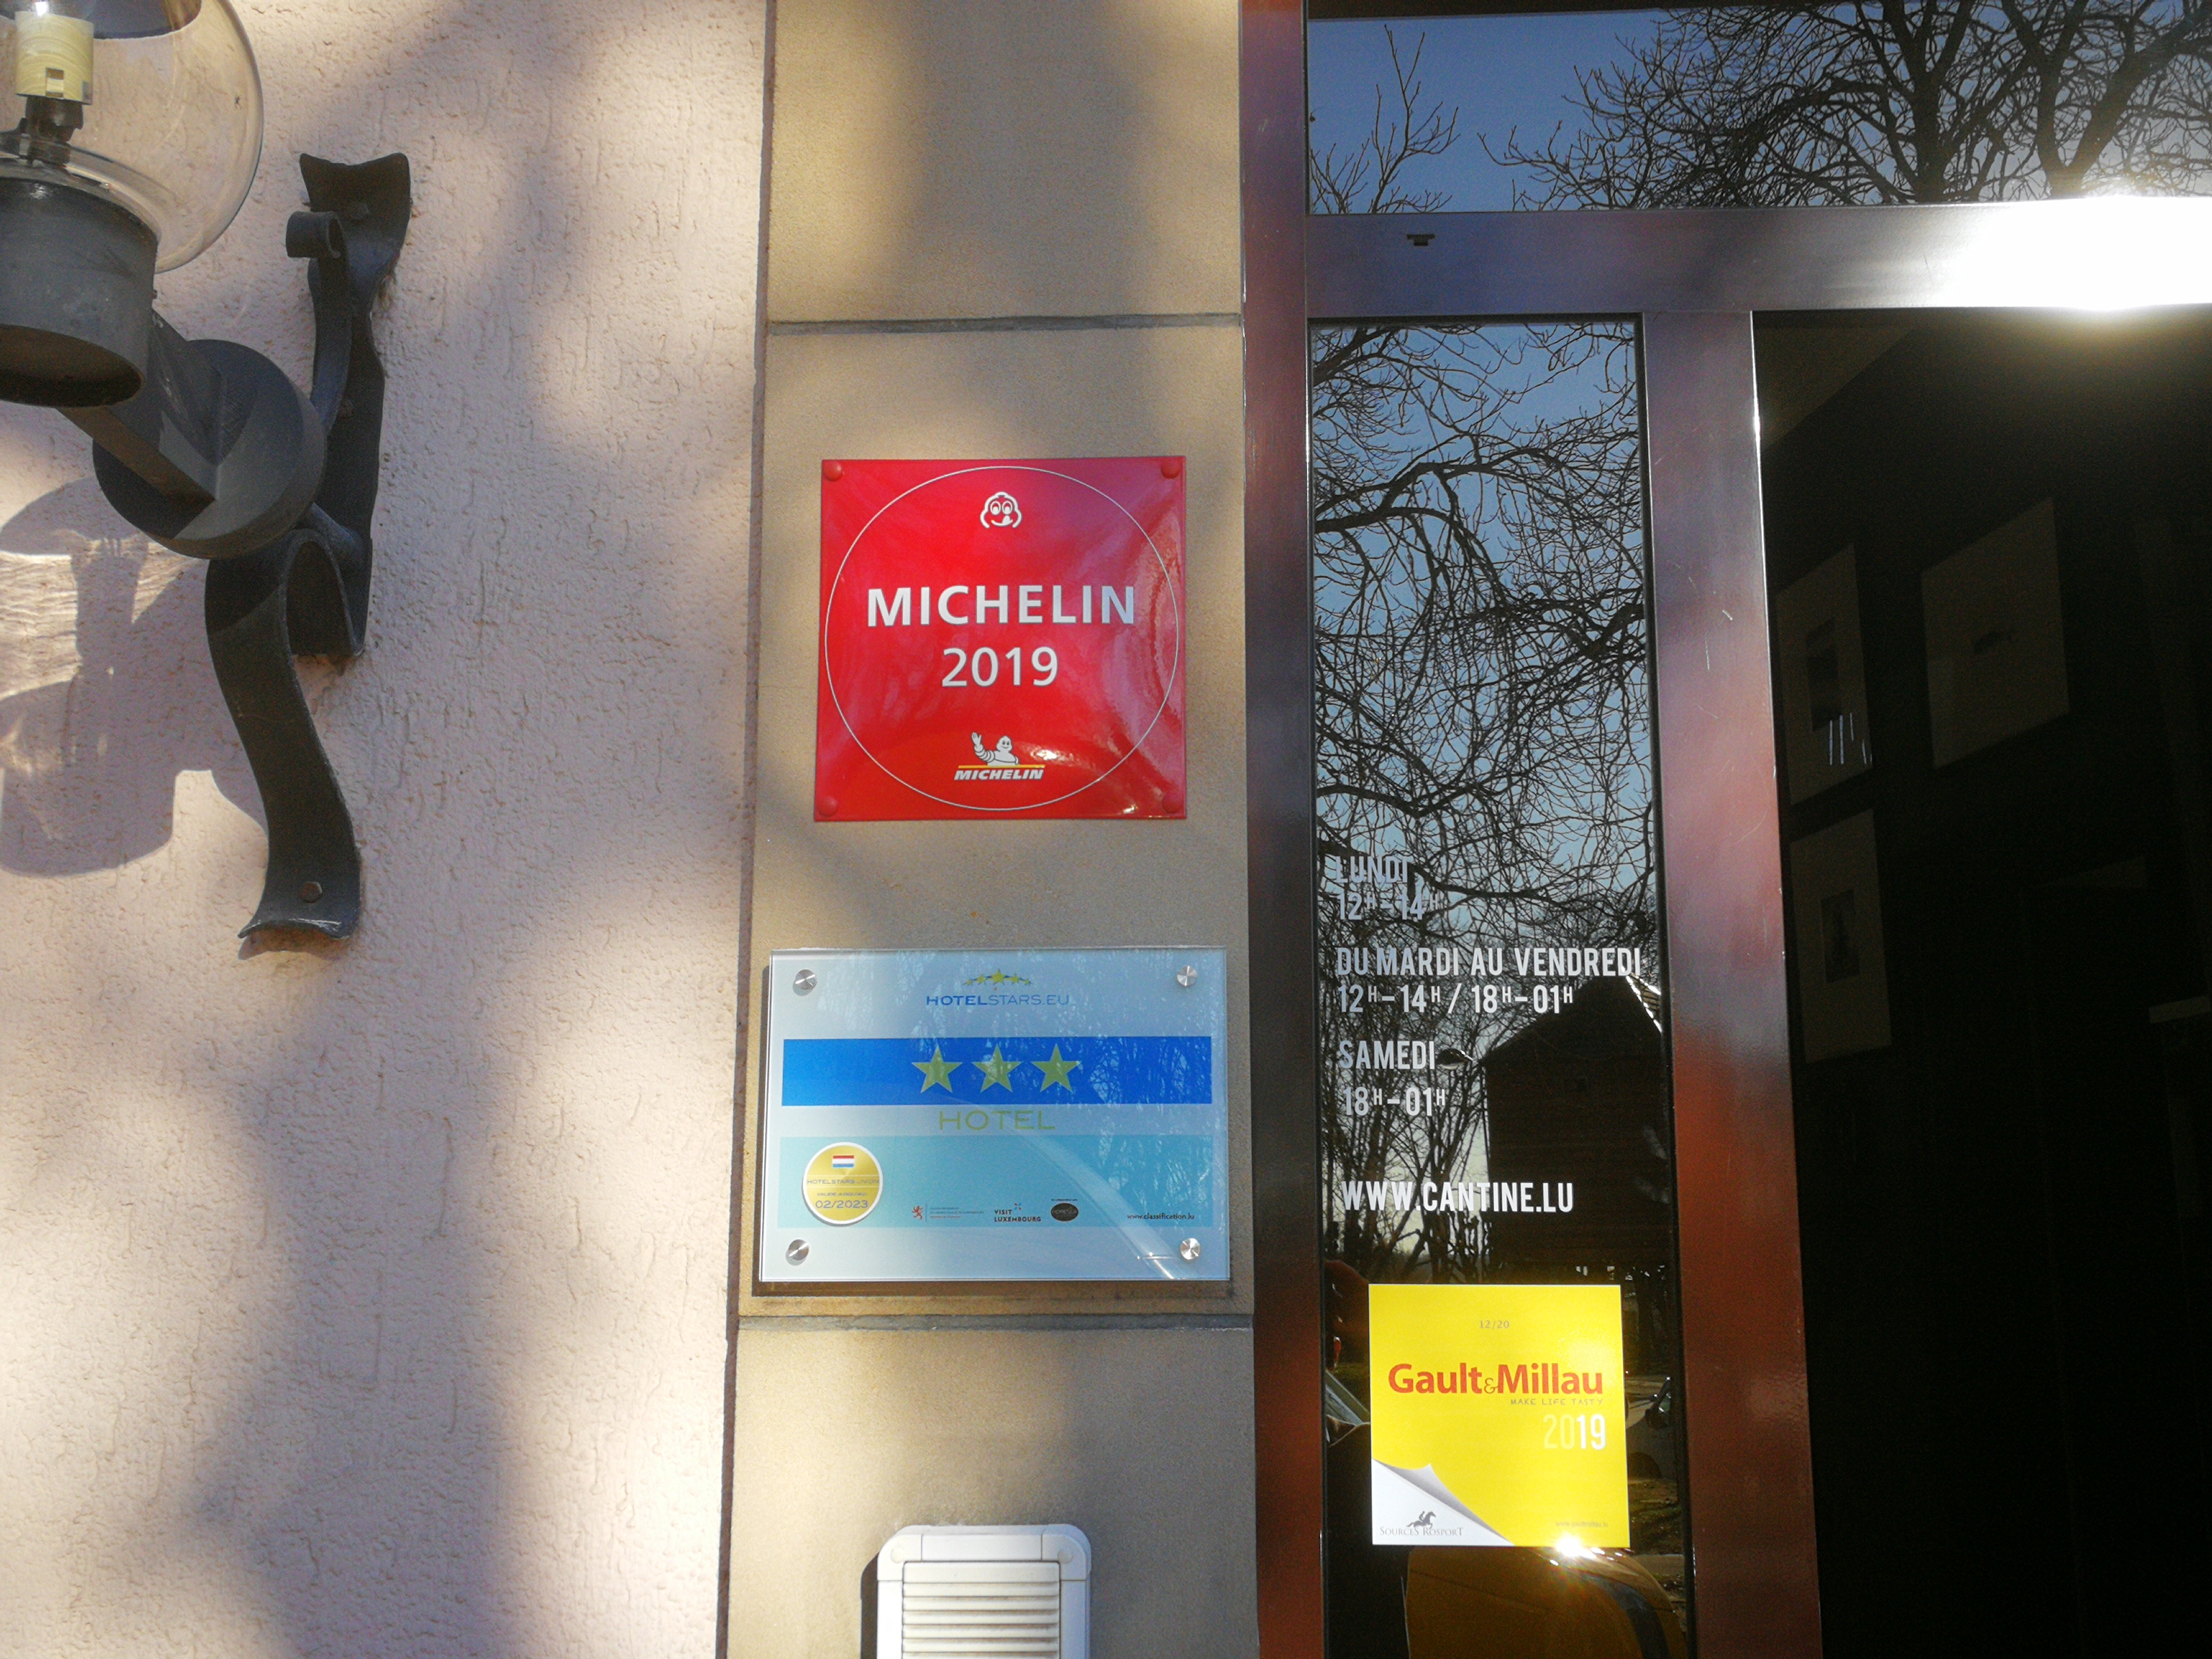 Michelin et Gault et Millau